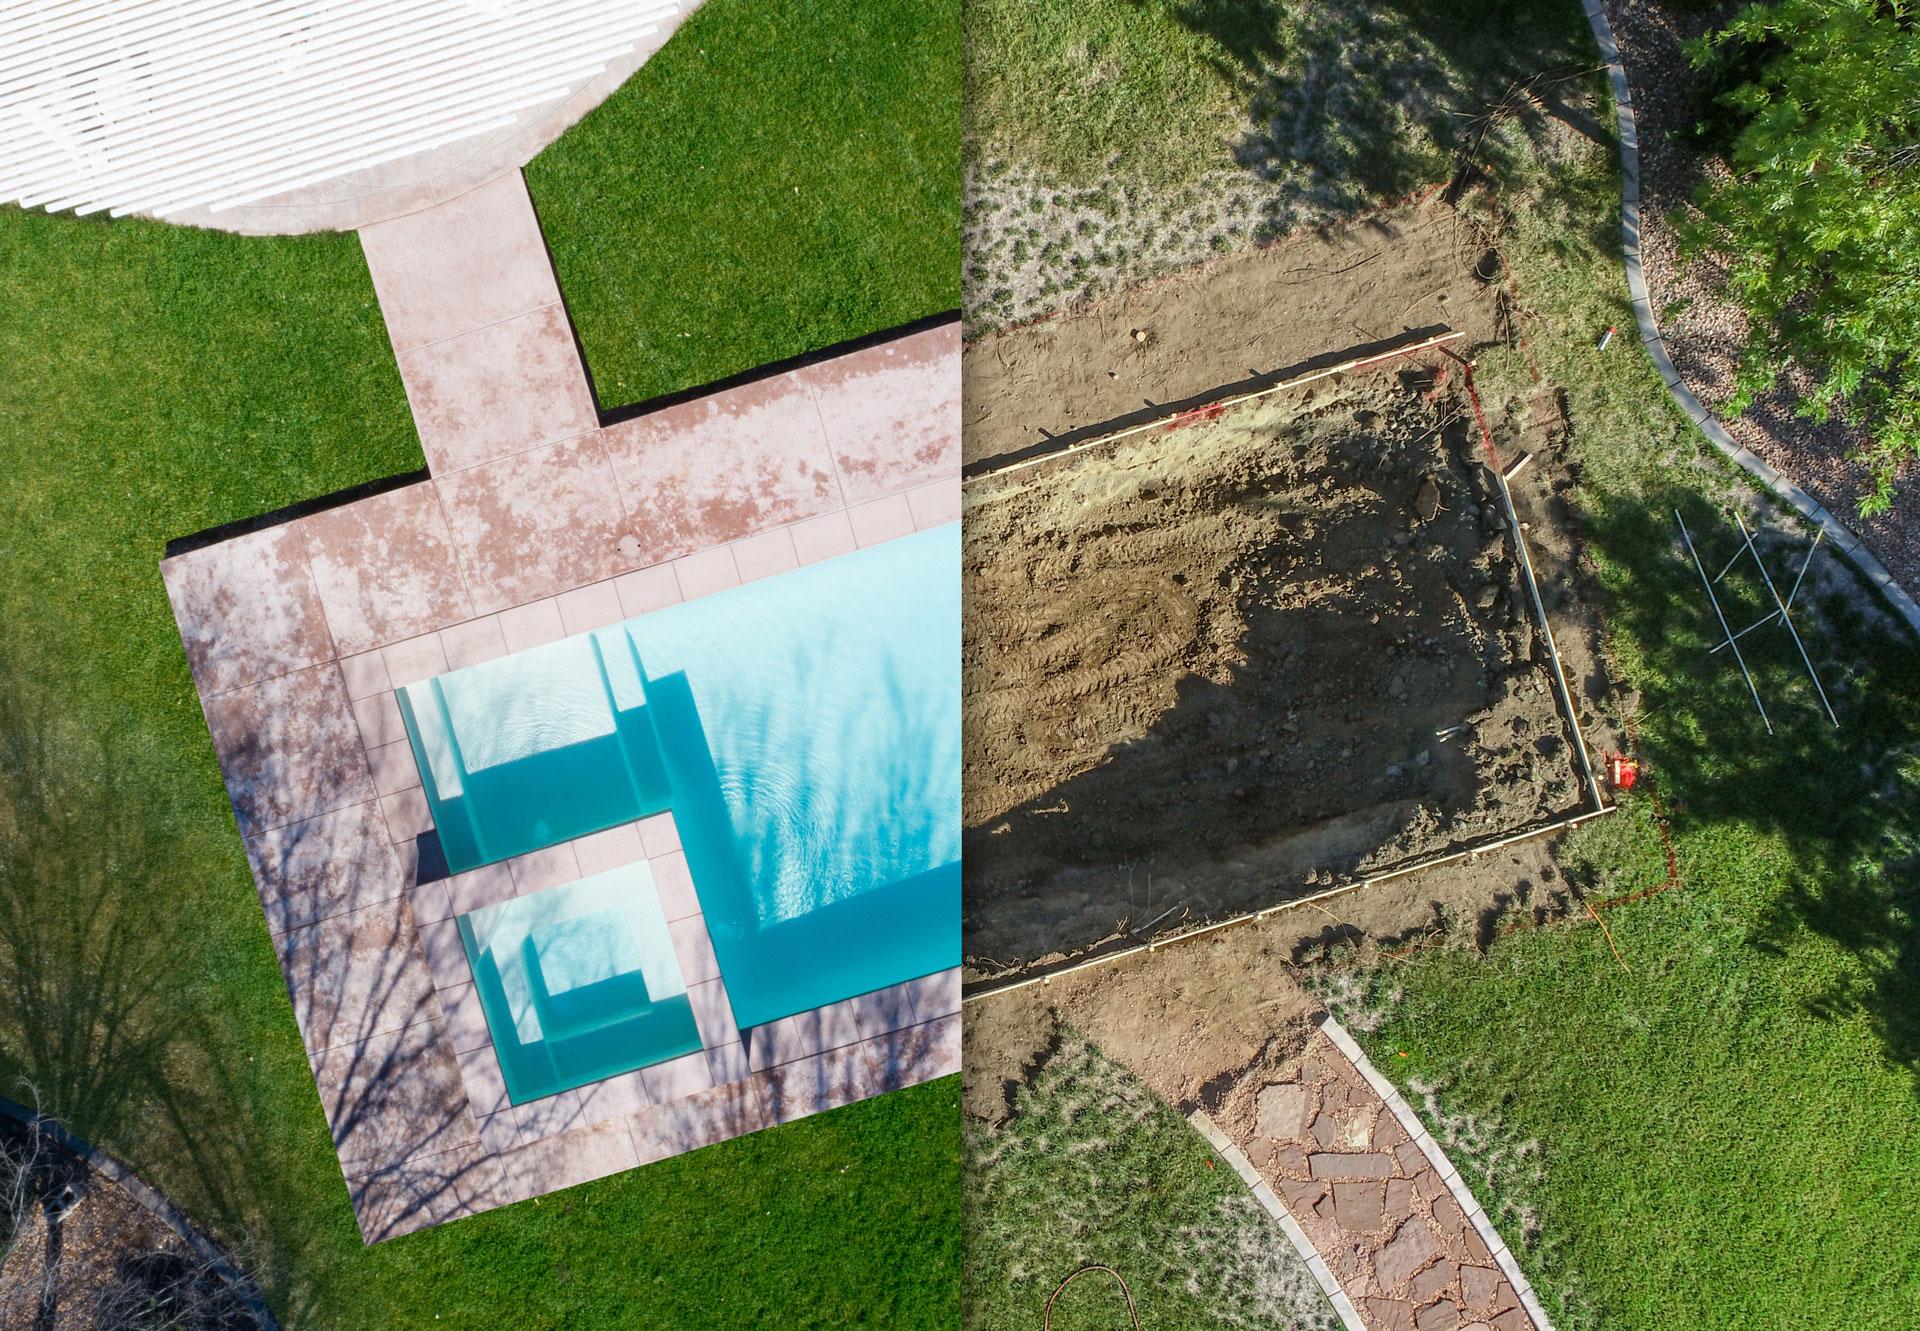 Construyendo piscinas - Piscinas Lledos